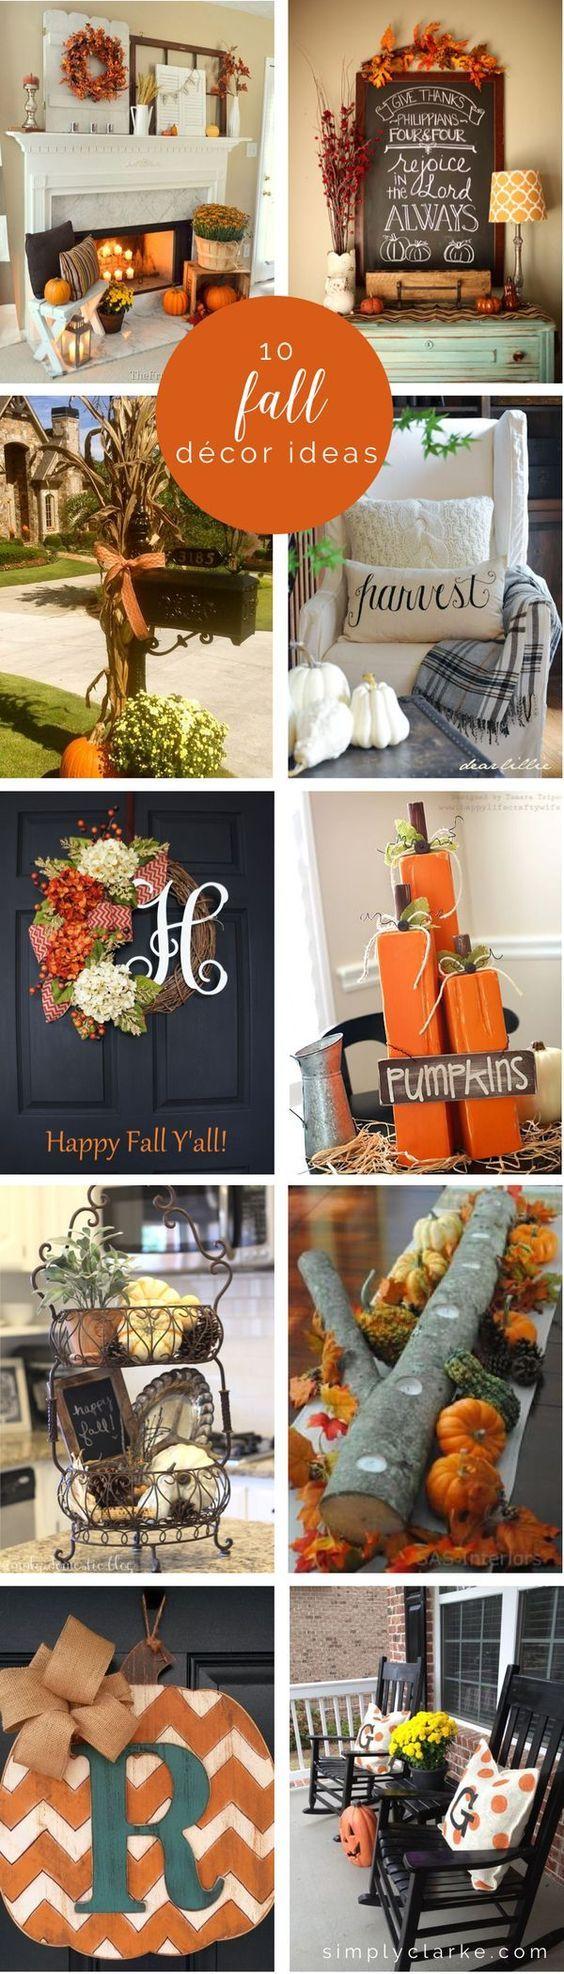 Mantel Decor Chalkboard Mailbox Pillow Wreath Pumpkins